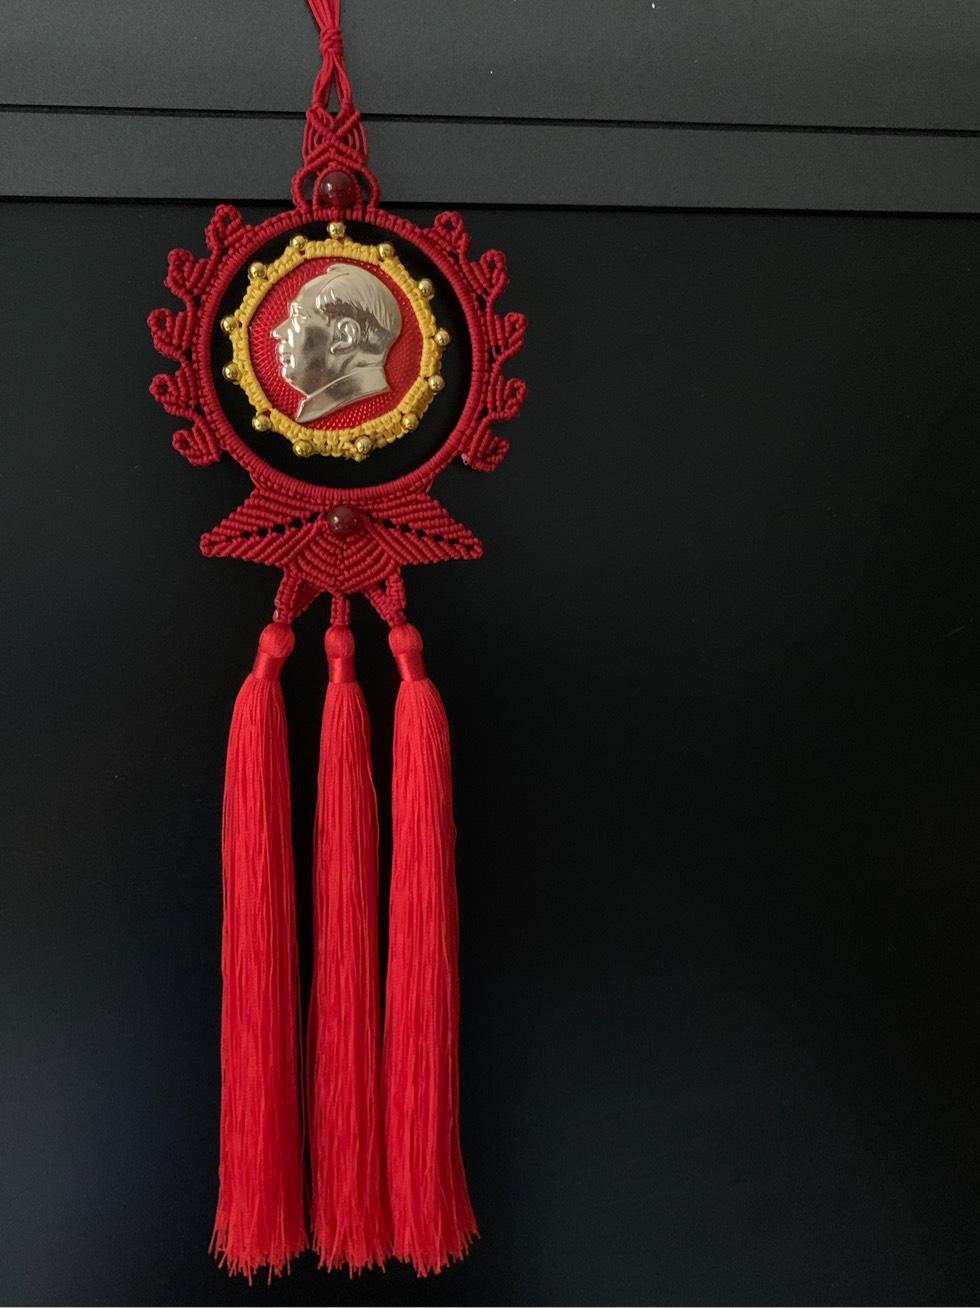 中国结论坛 伟大领袖 世界最伟大的领袖,最有机会的接班人,世界著名领导者 作品展示 113159pdb6e4eg6lzmo0j4